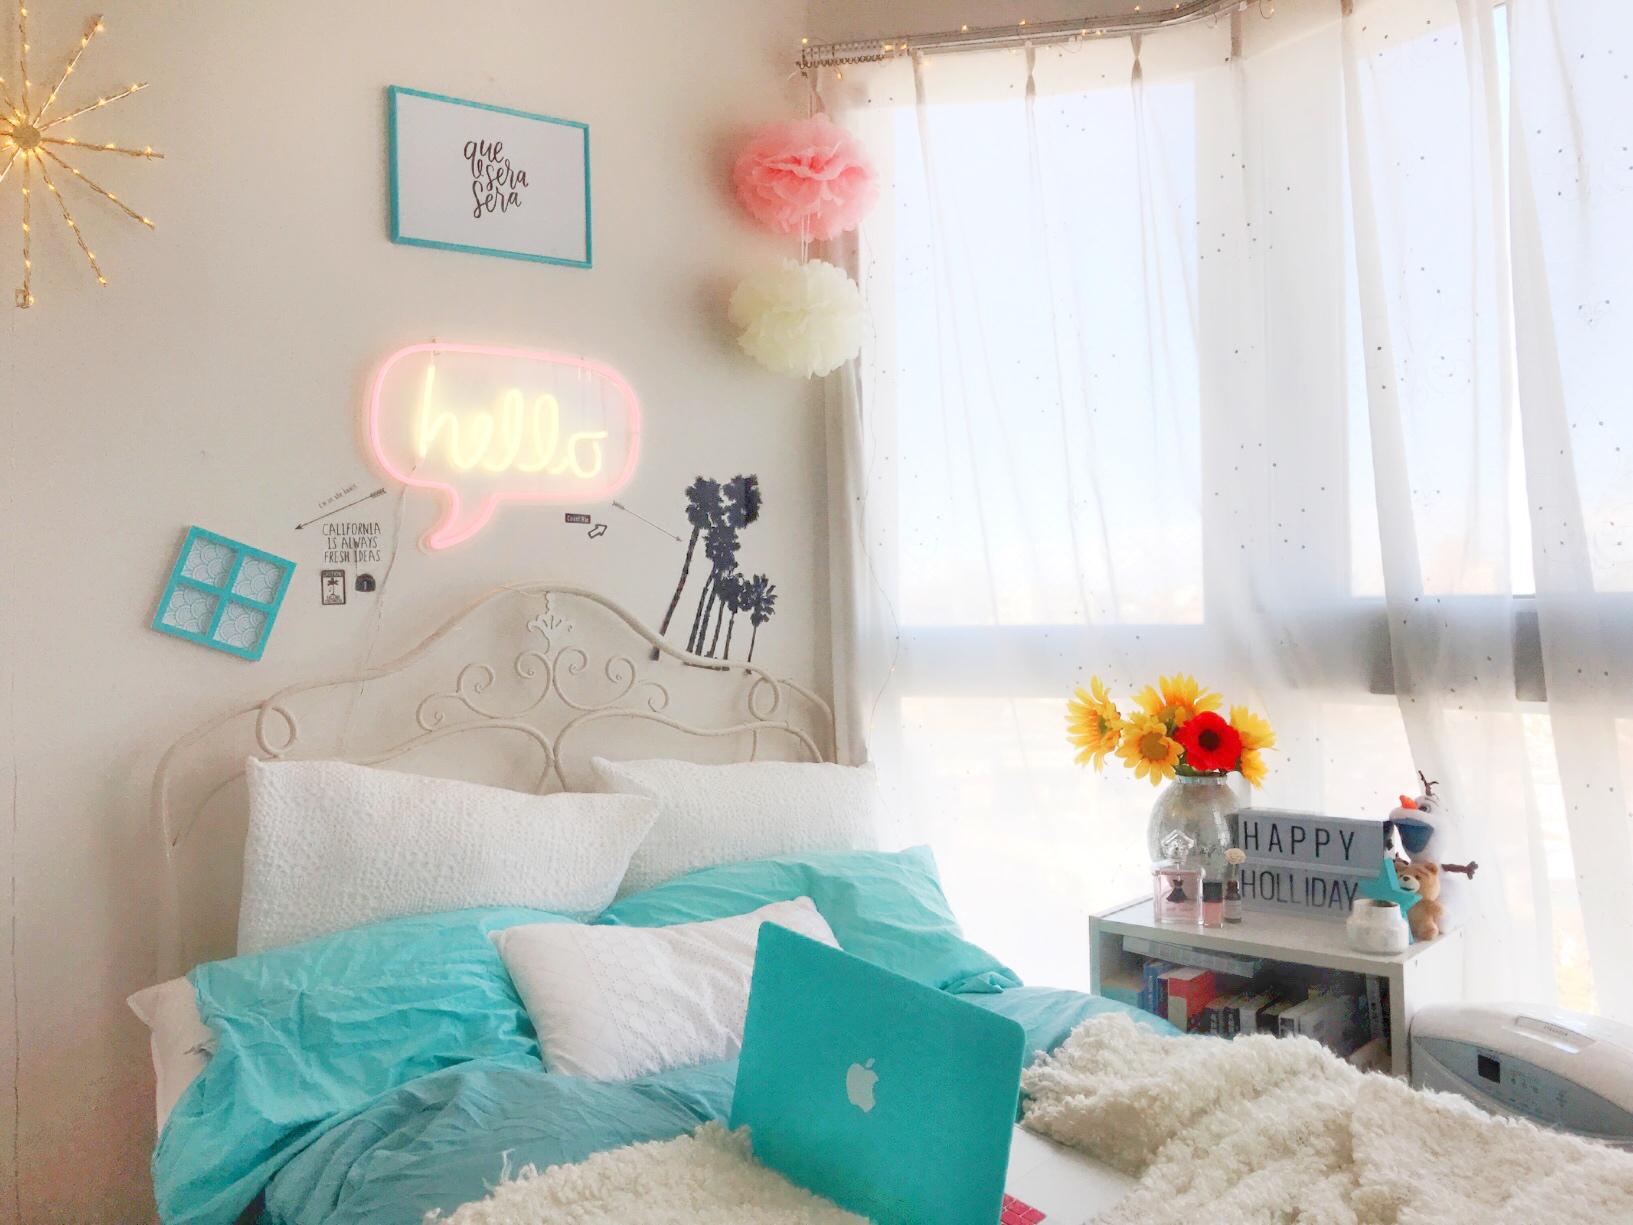 【DIYインテリア】お金をかけずにお部屋を可愛くRoom Decor!